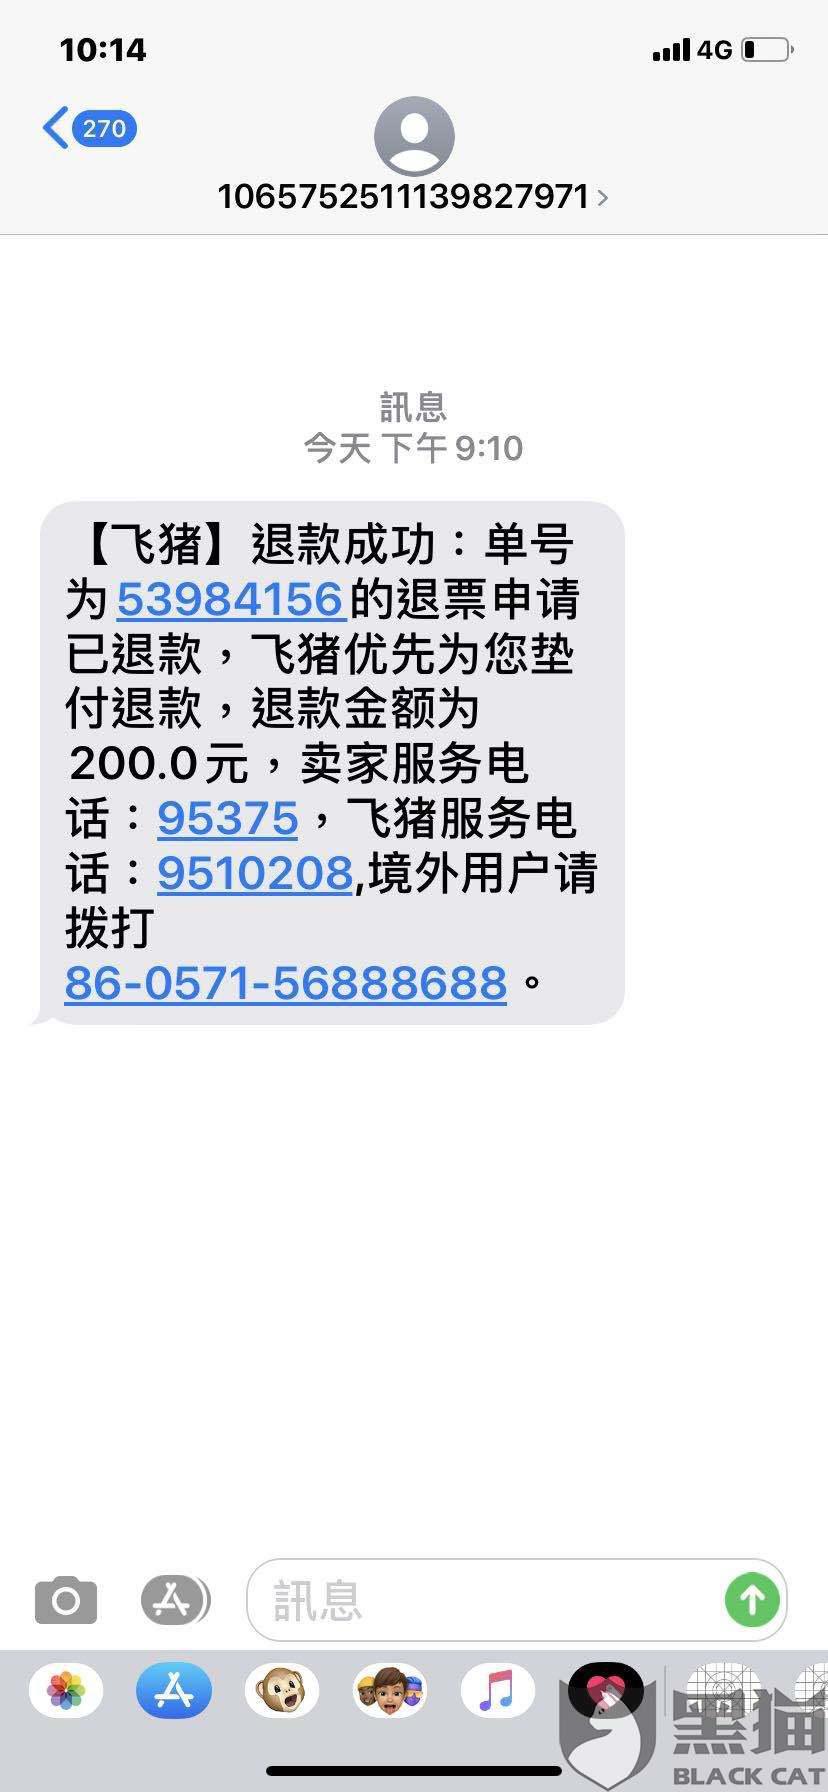 黑猫投诉:飞猪官方售票套票非自愿退票不全额退款